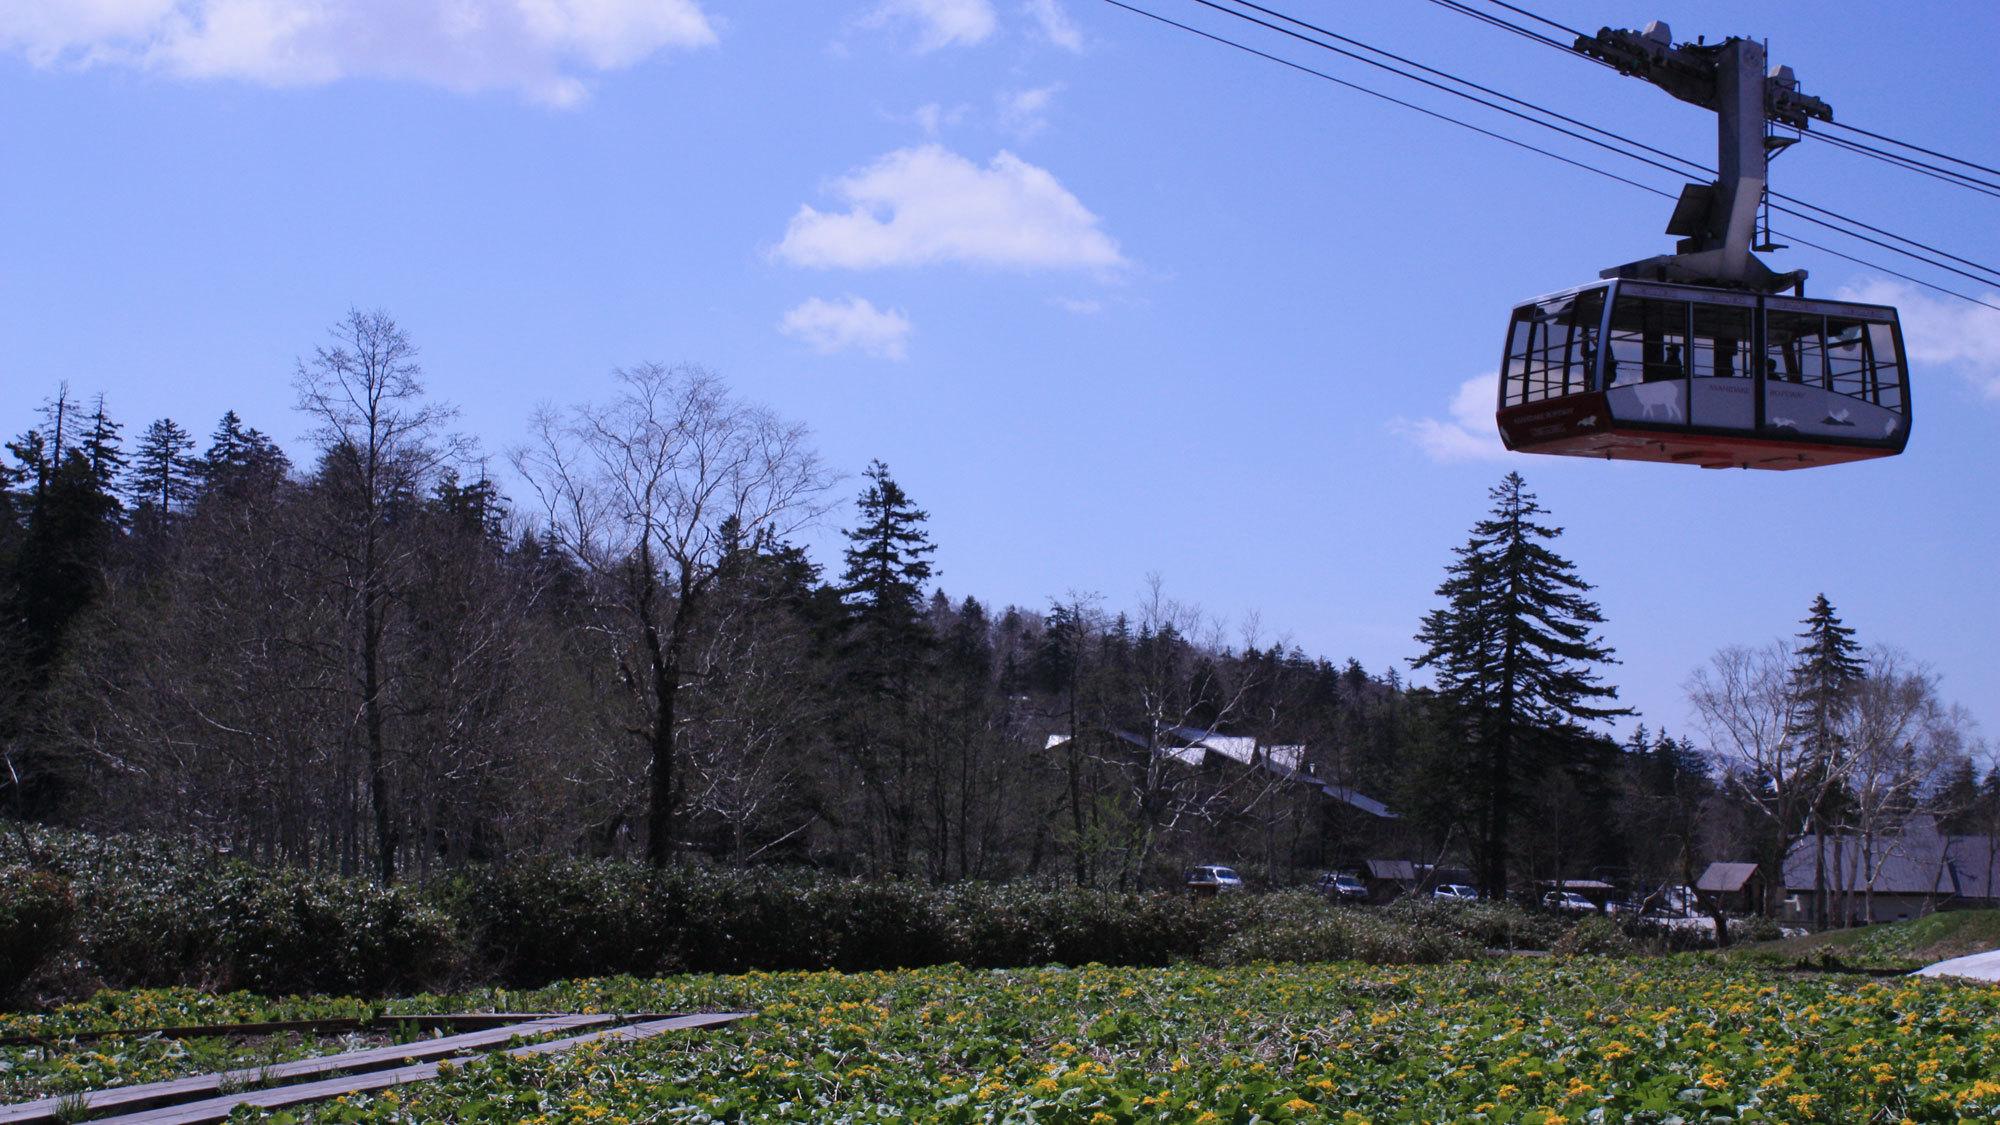 旭岳ロープウェイ山麓駅の前に毎年5月下旬〜6月中旬に咲くエゾノリュウキンカと水芭蕉の大群落